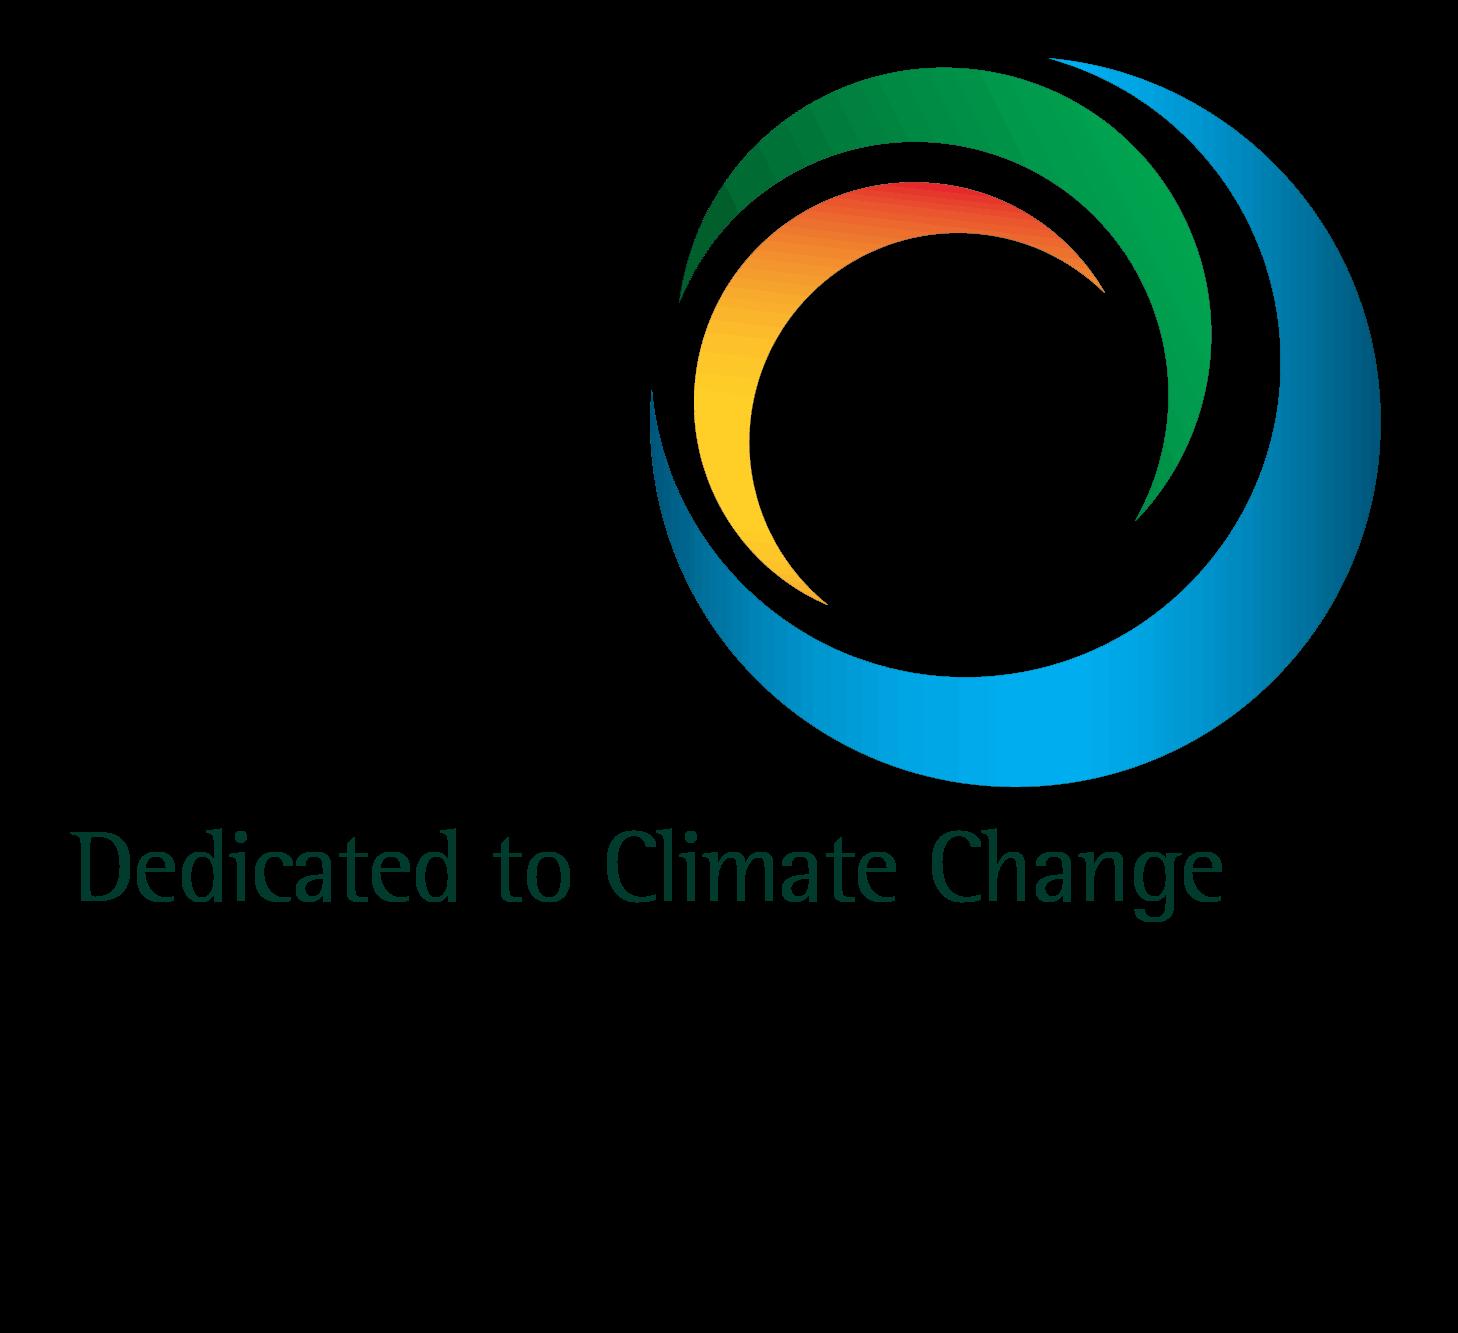 adex-singapore-2017-logo-climate-change